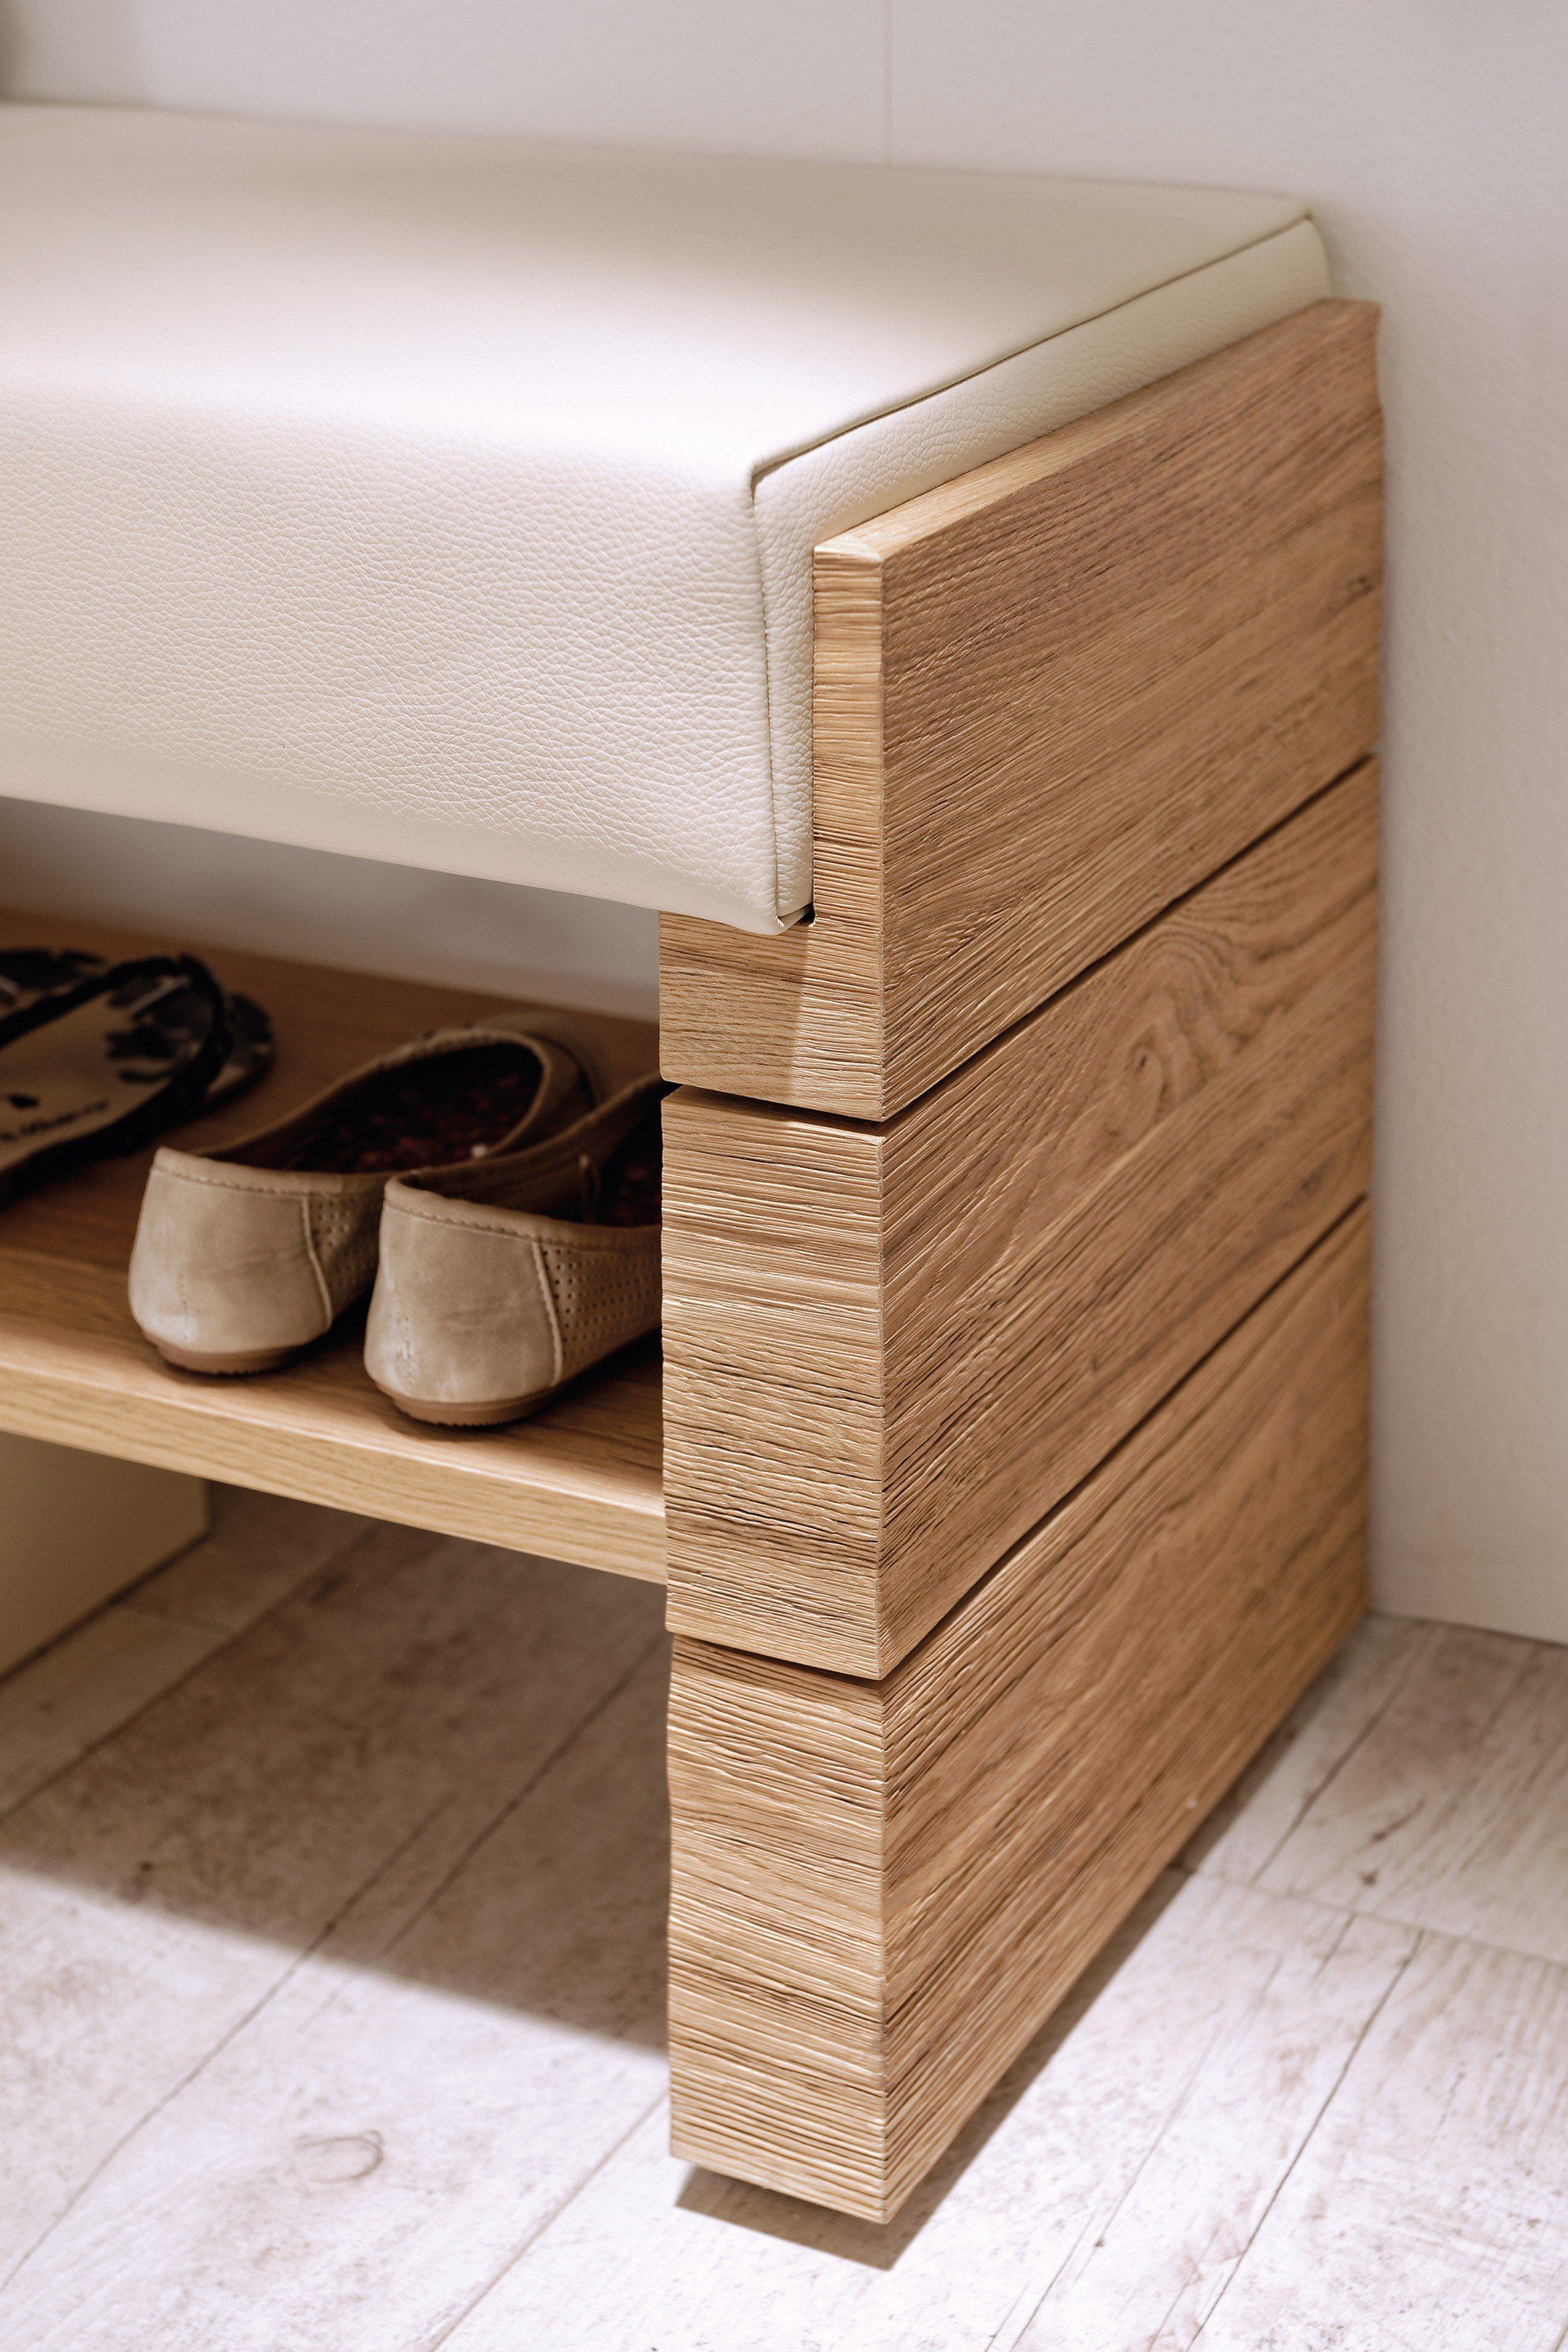 garderobe in wildeiche leder v montana vivianna von voglauer m bel letz ihr online shop. Black Bedroom Furniture Sets. Home Design Ideas